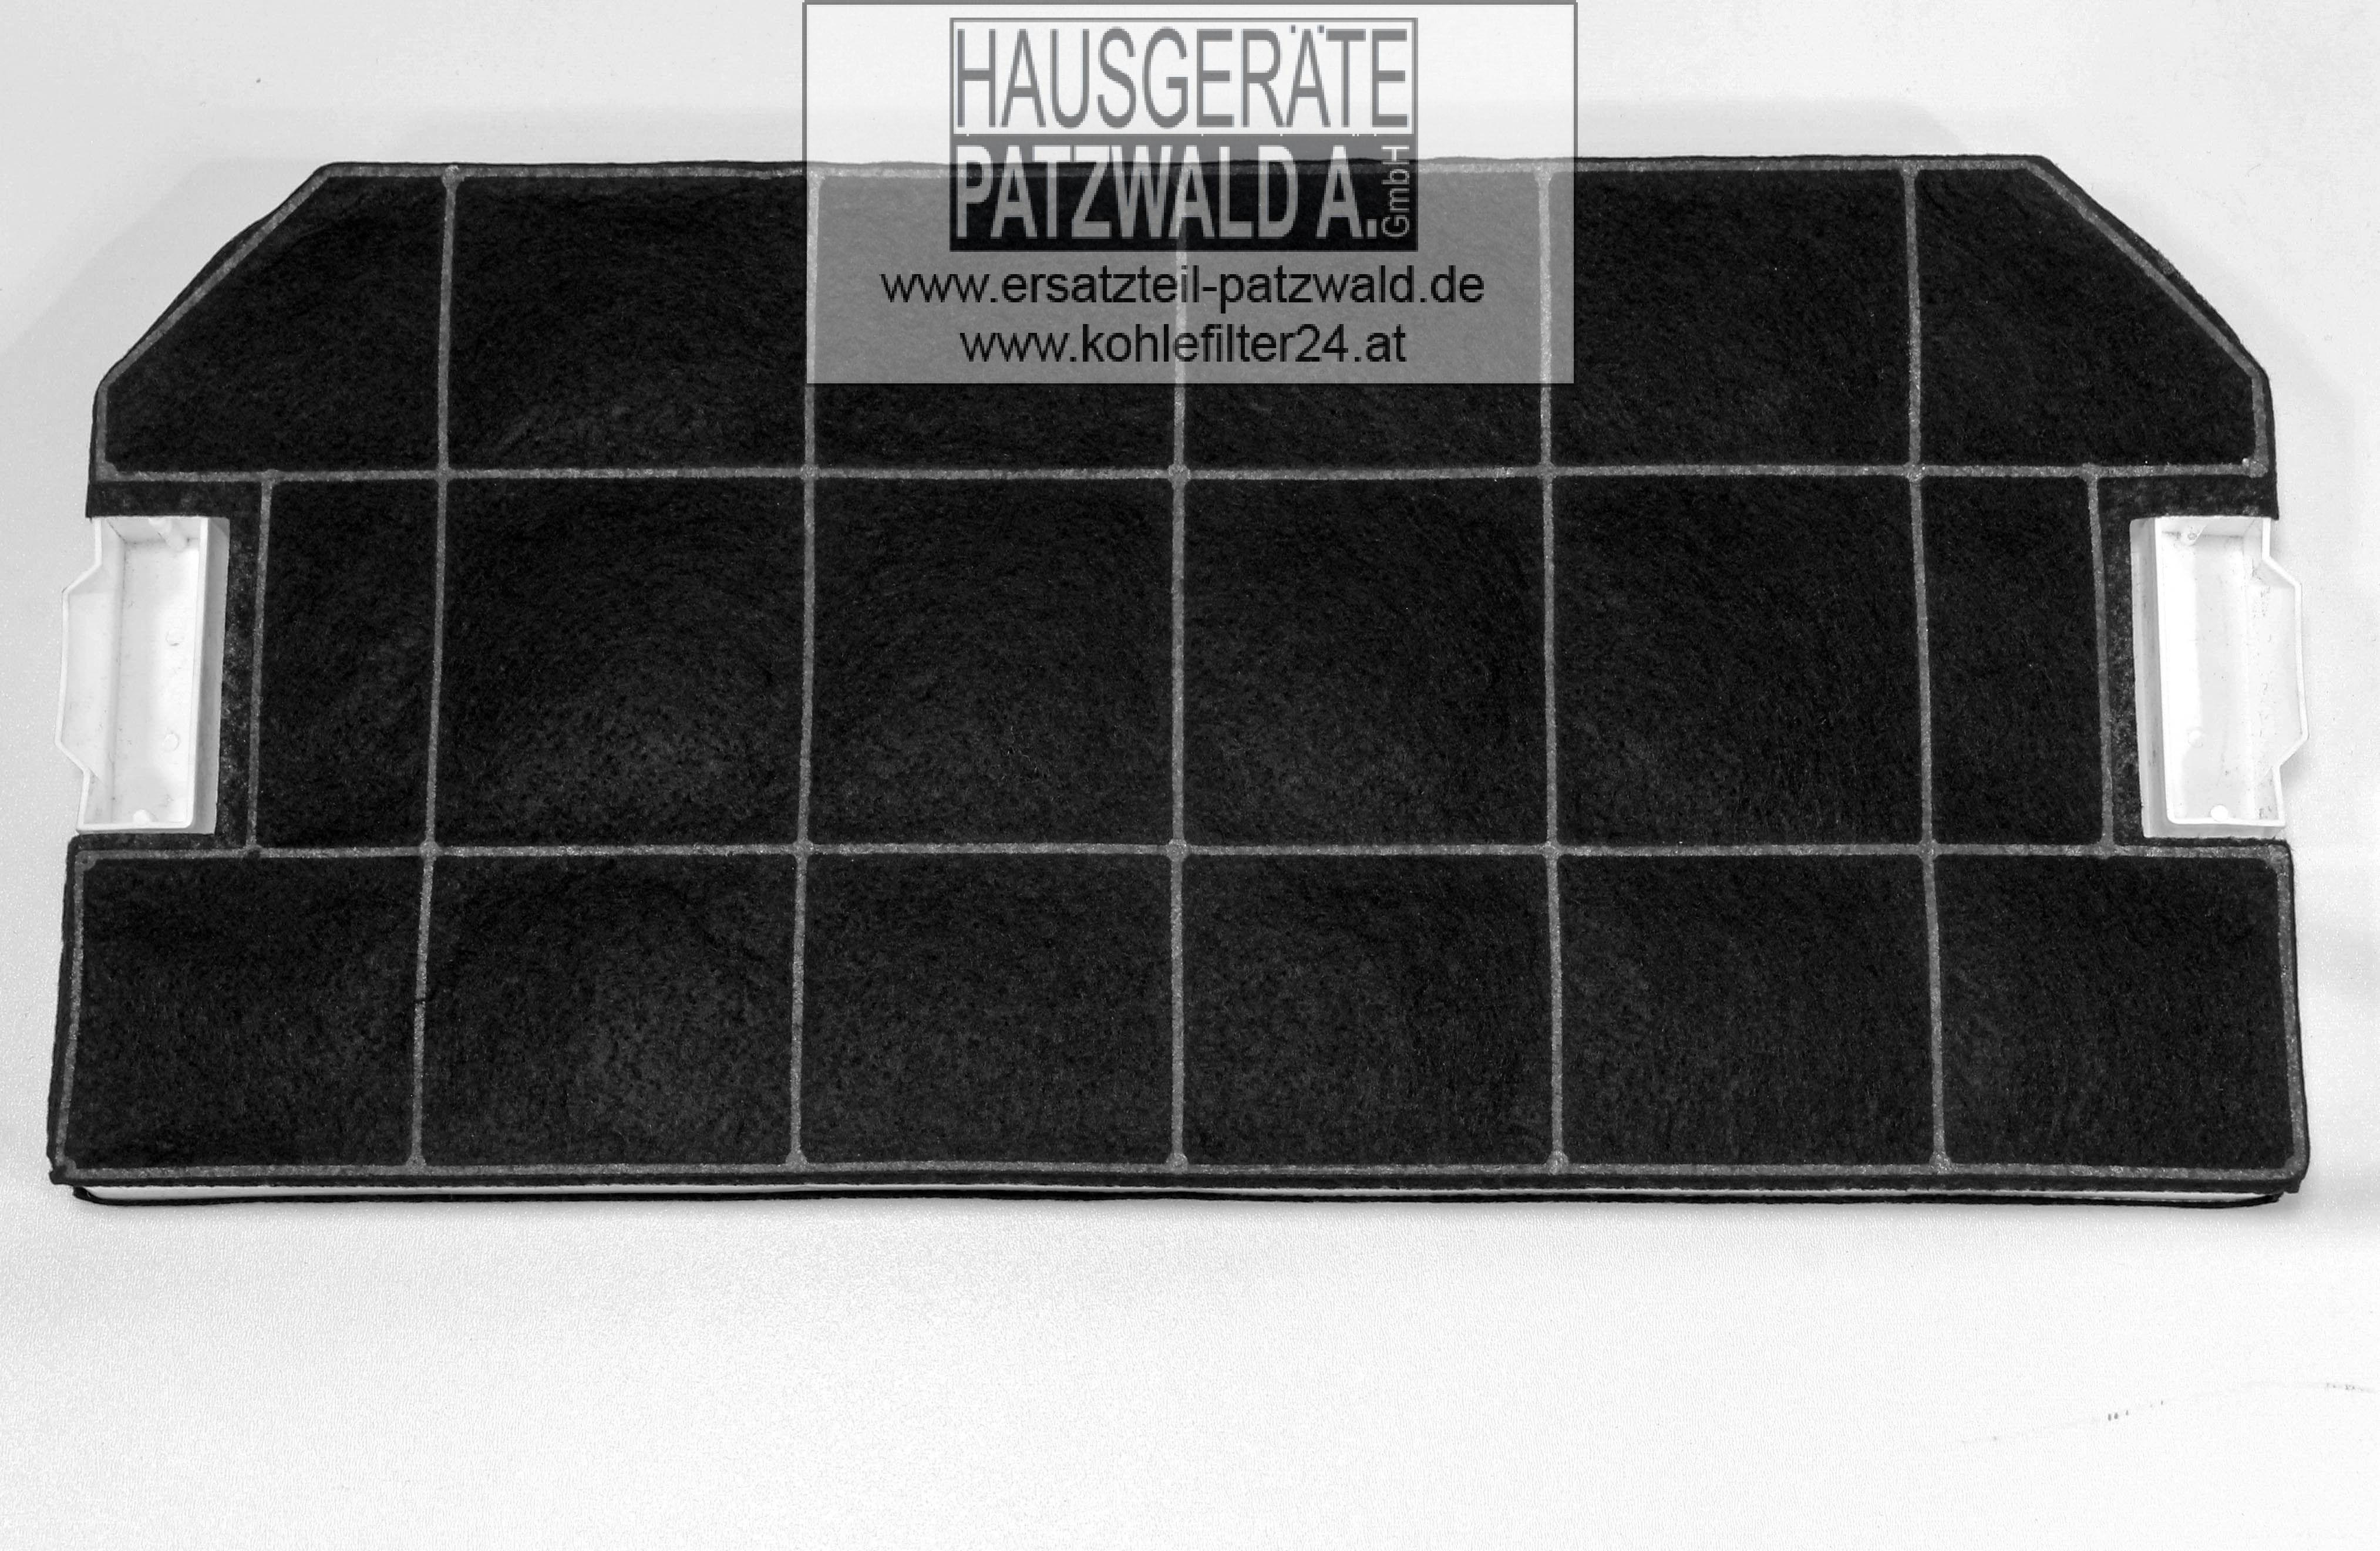 Ersatzteile für haushaltgeräte kohlefilter lz